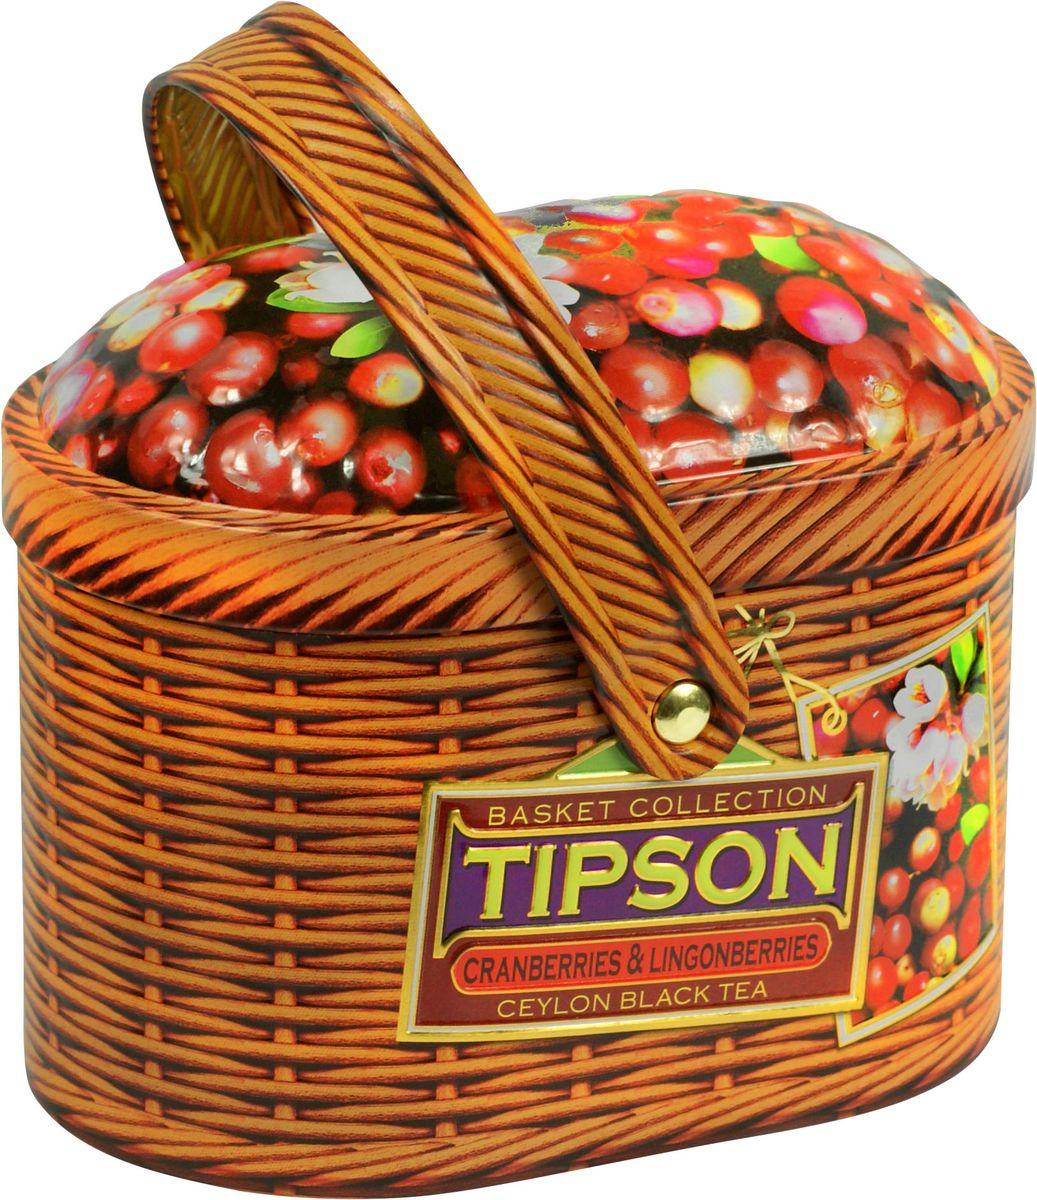 Чай чёрный цейлонский байховый листовой с ягодами клюквы и китайской дерезы и ароматами клюквы, брусники и ванили. 100 гр., железная баночка.